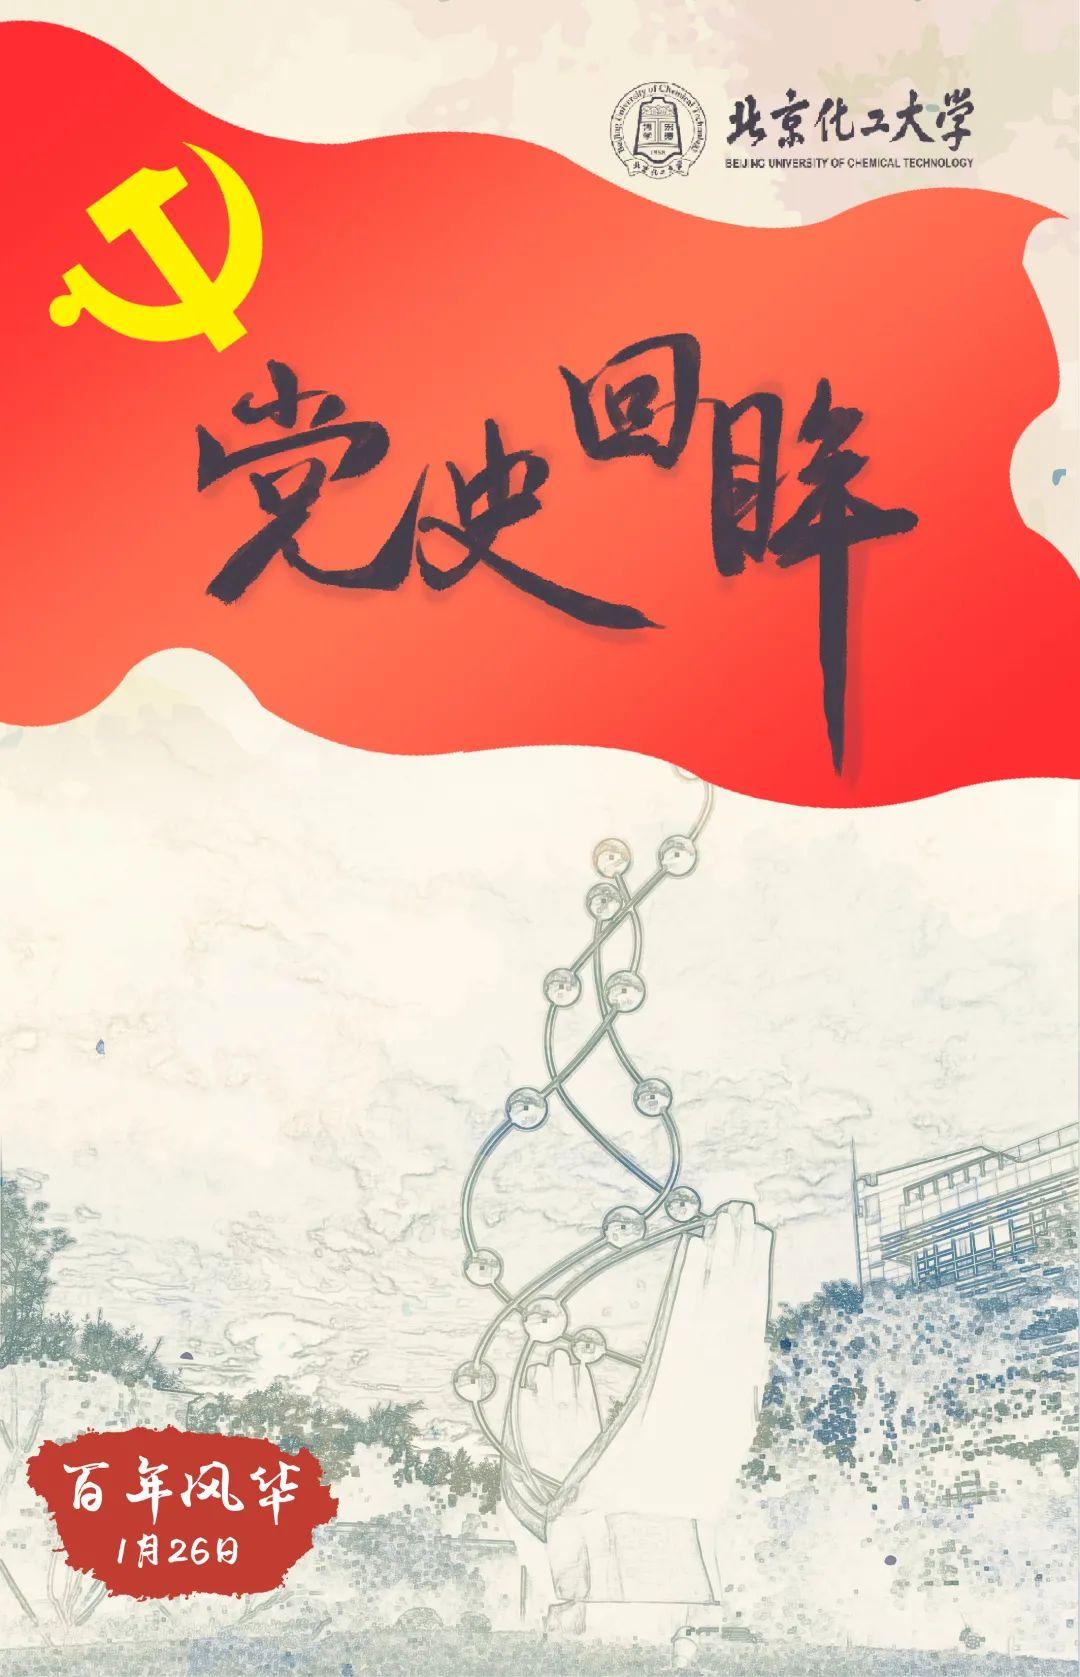 百年风华·党史回眸|1月26日